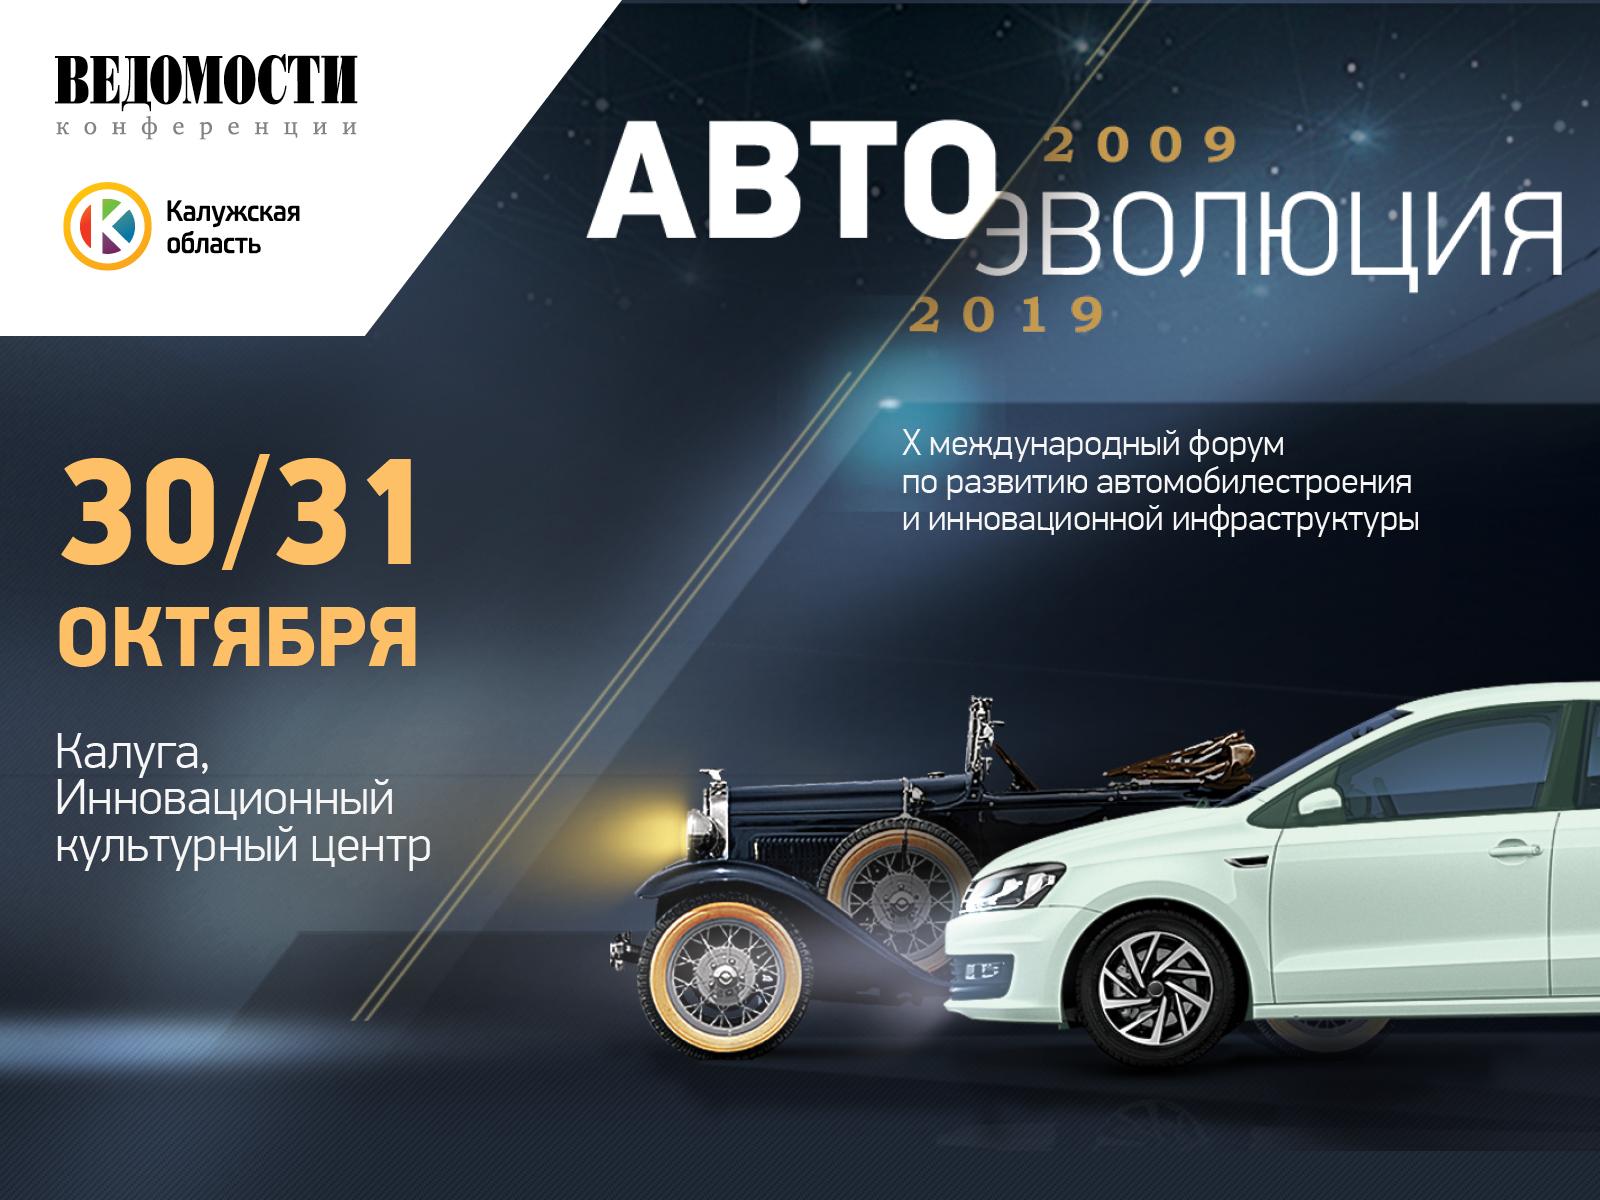 2019 10 04 01 - 30-31 октября в Калуге состоится Х юбилейный международный форум по развитию автомобилестроения и инновационной инфраструктуры «АвтоЭволюция 2019».